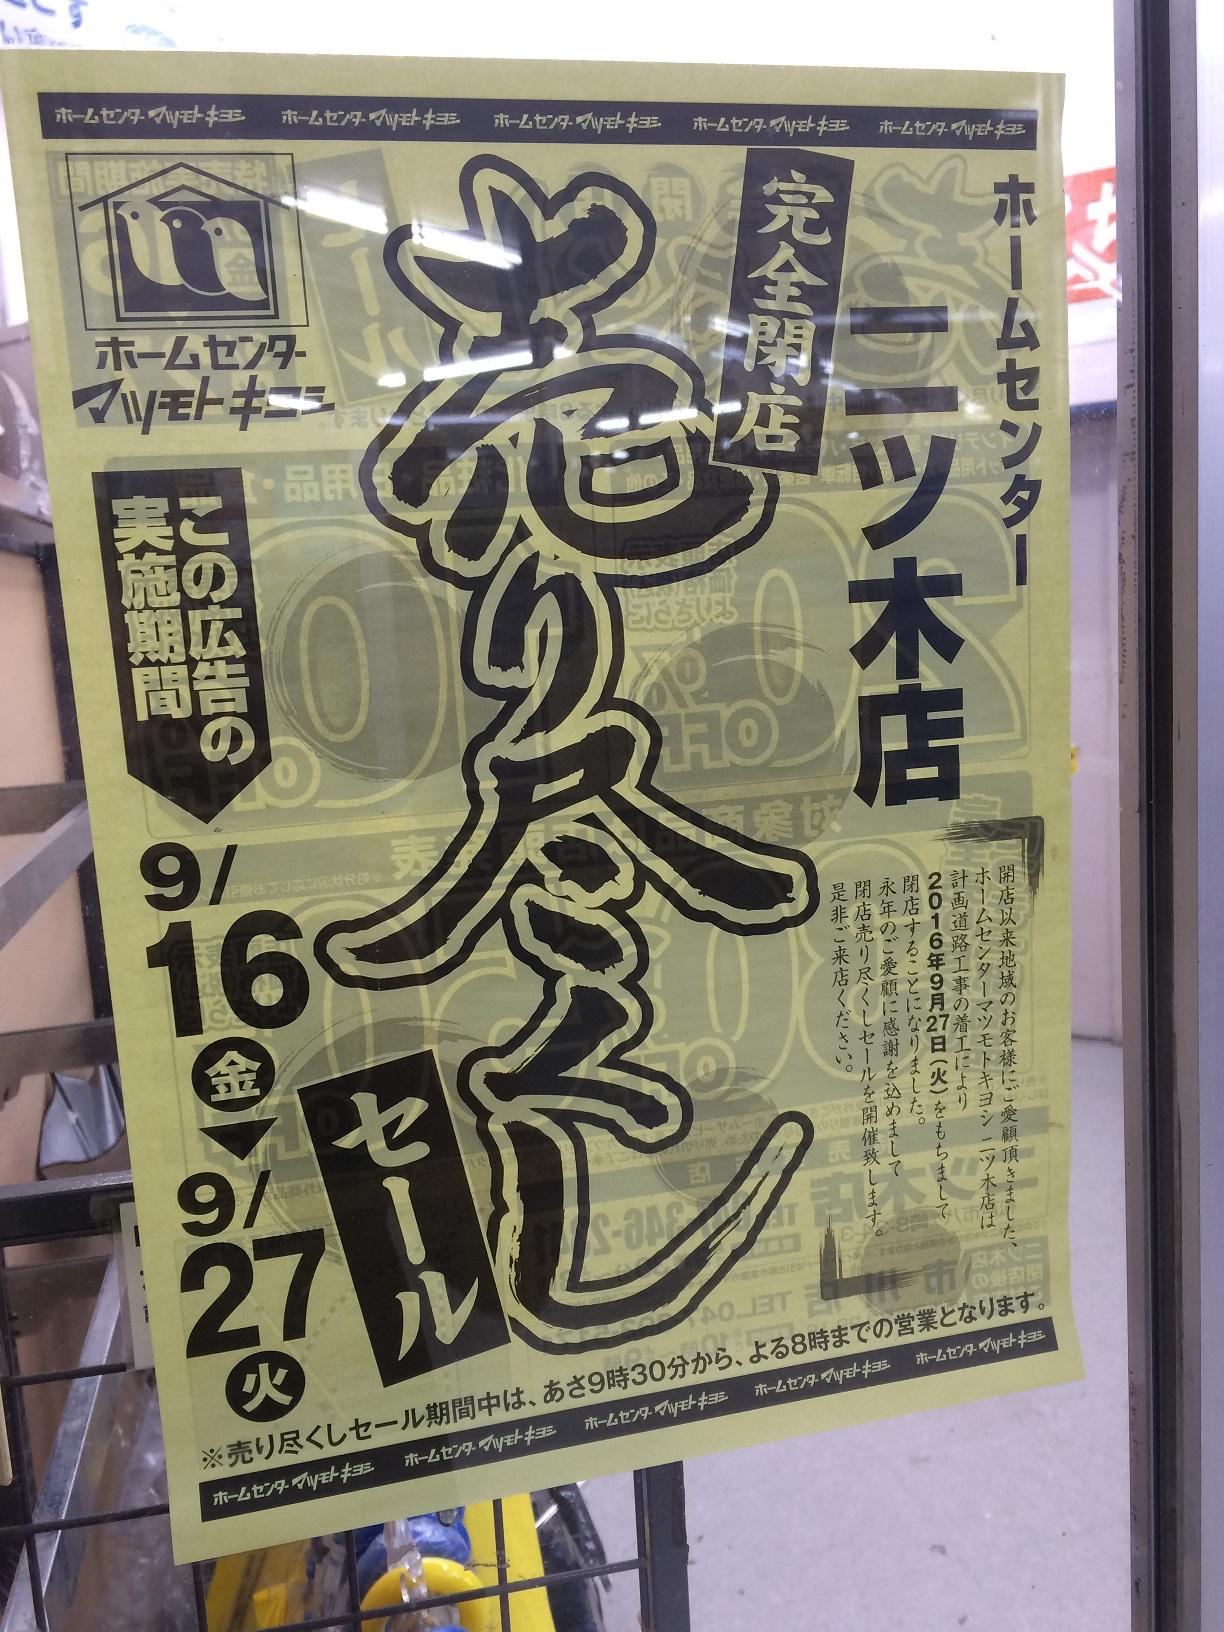 ホームセンターマツモトキヨシ閉店セール